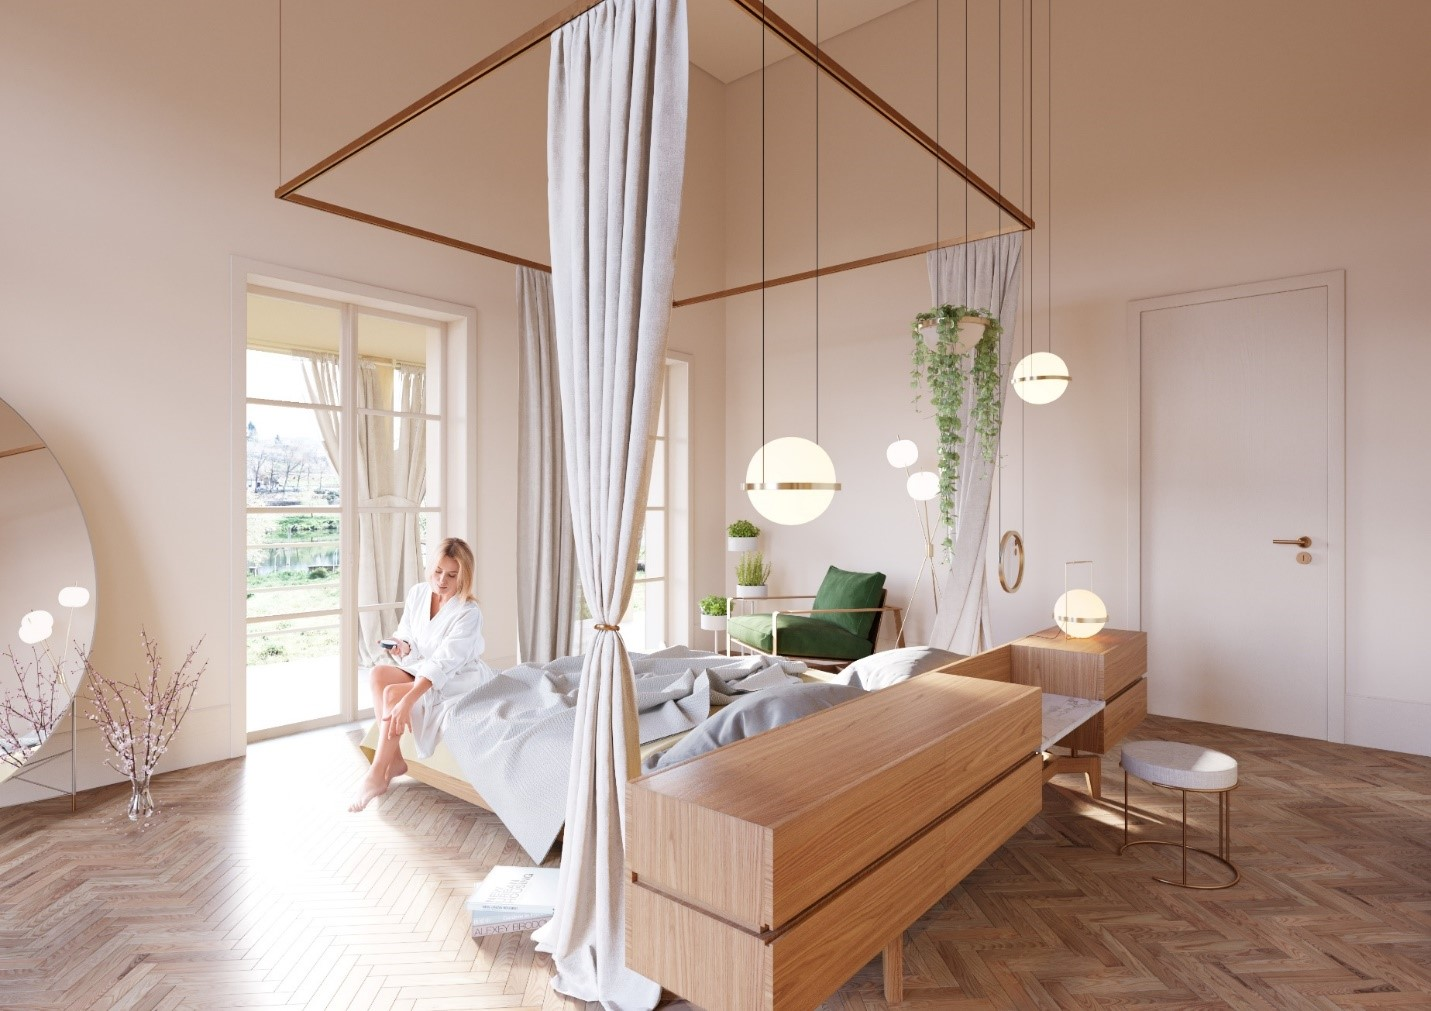 Thiết kế bên trong khách sạn Manor House